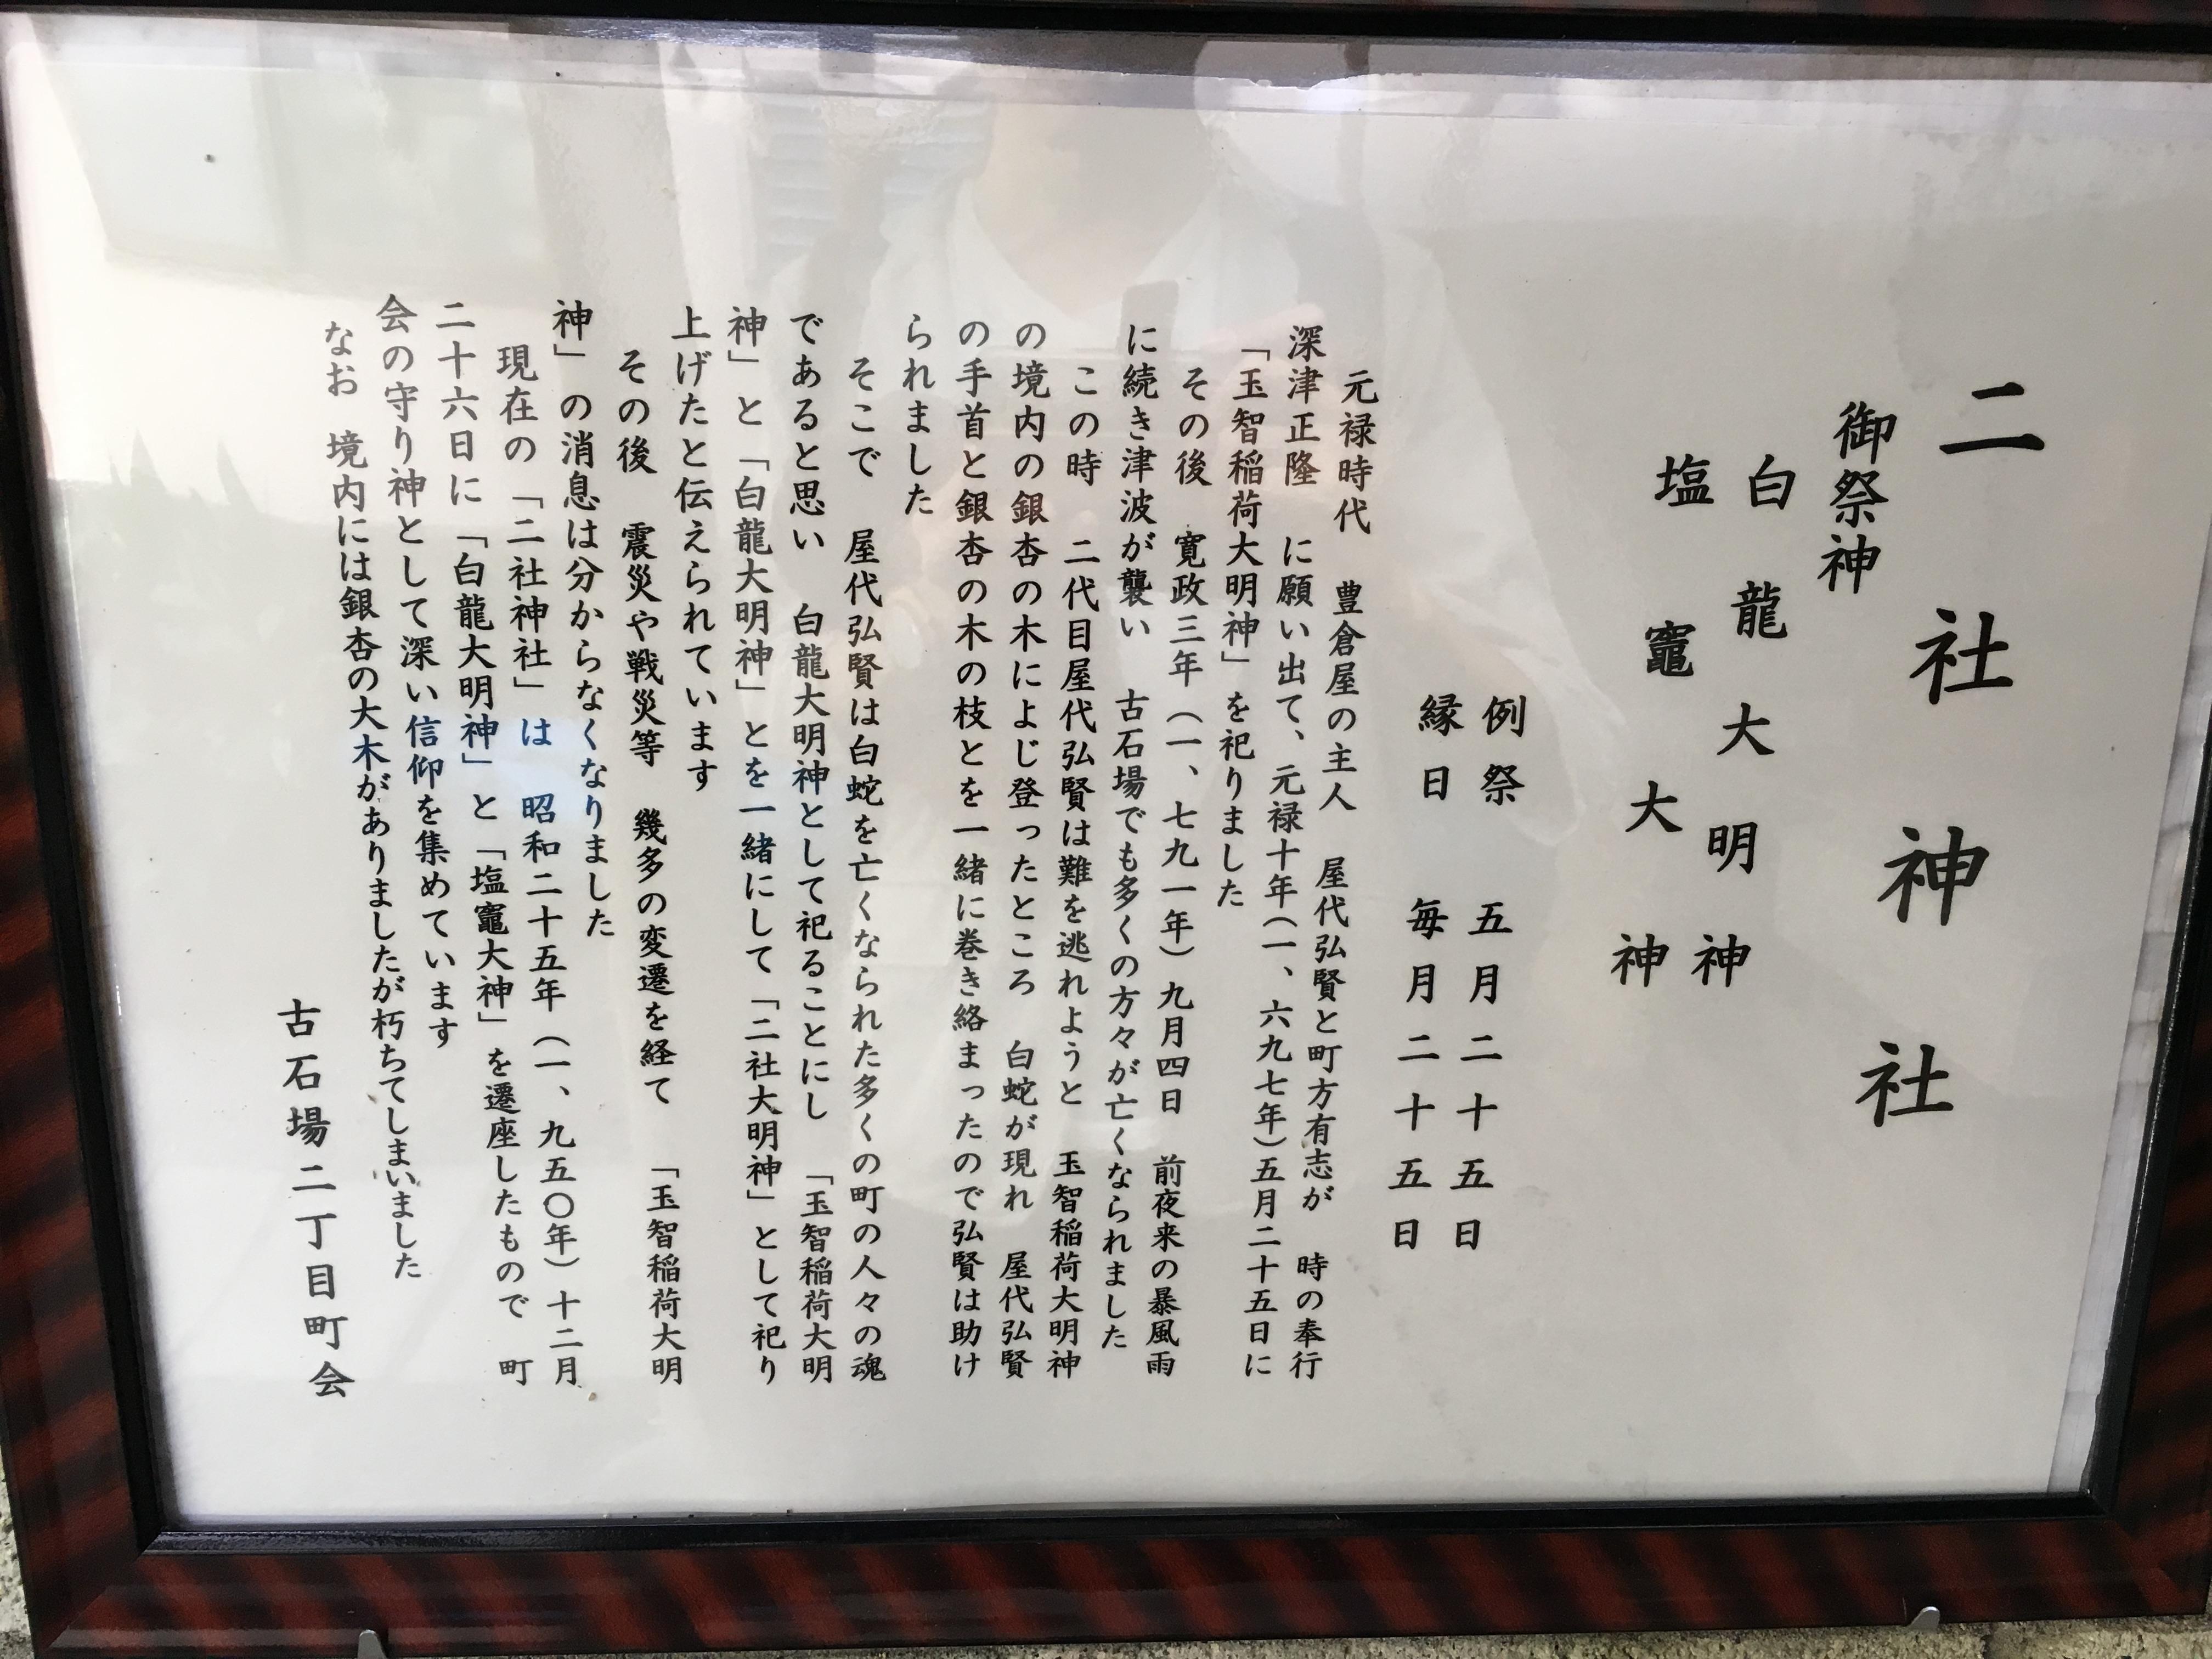 二社神社の歴史(東京都門前仲町駅)